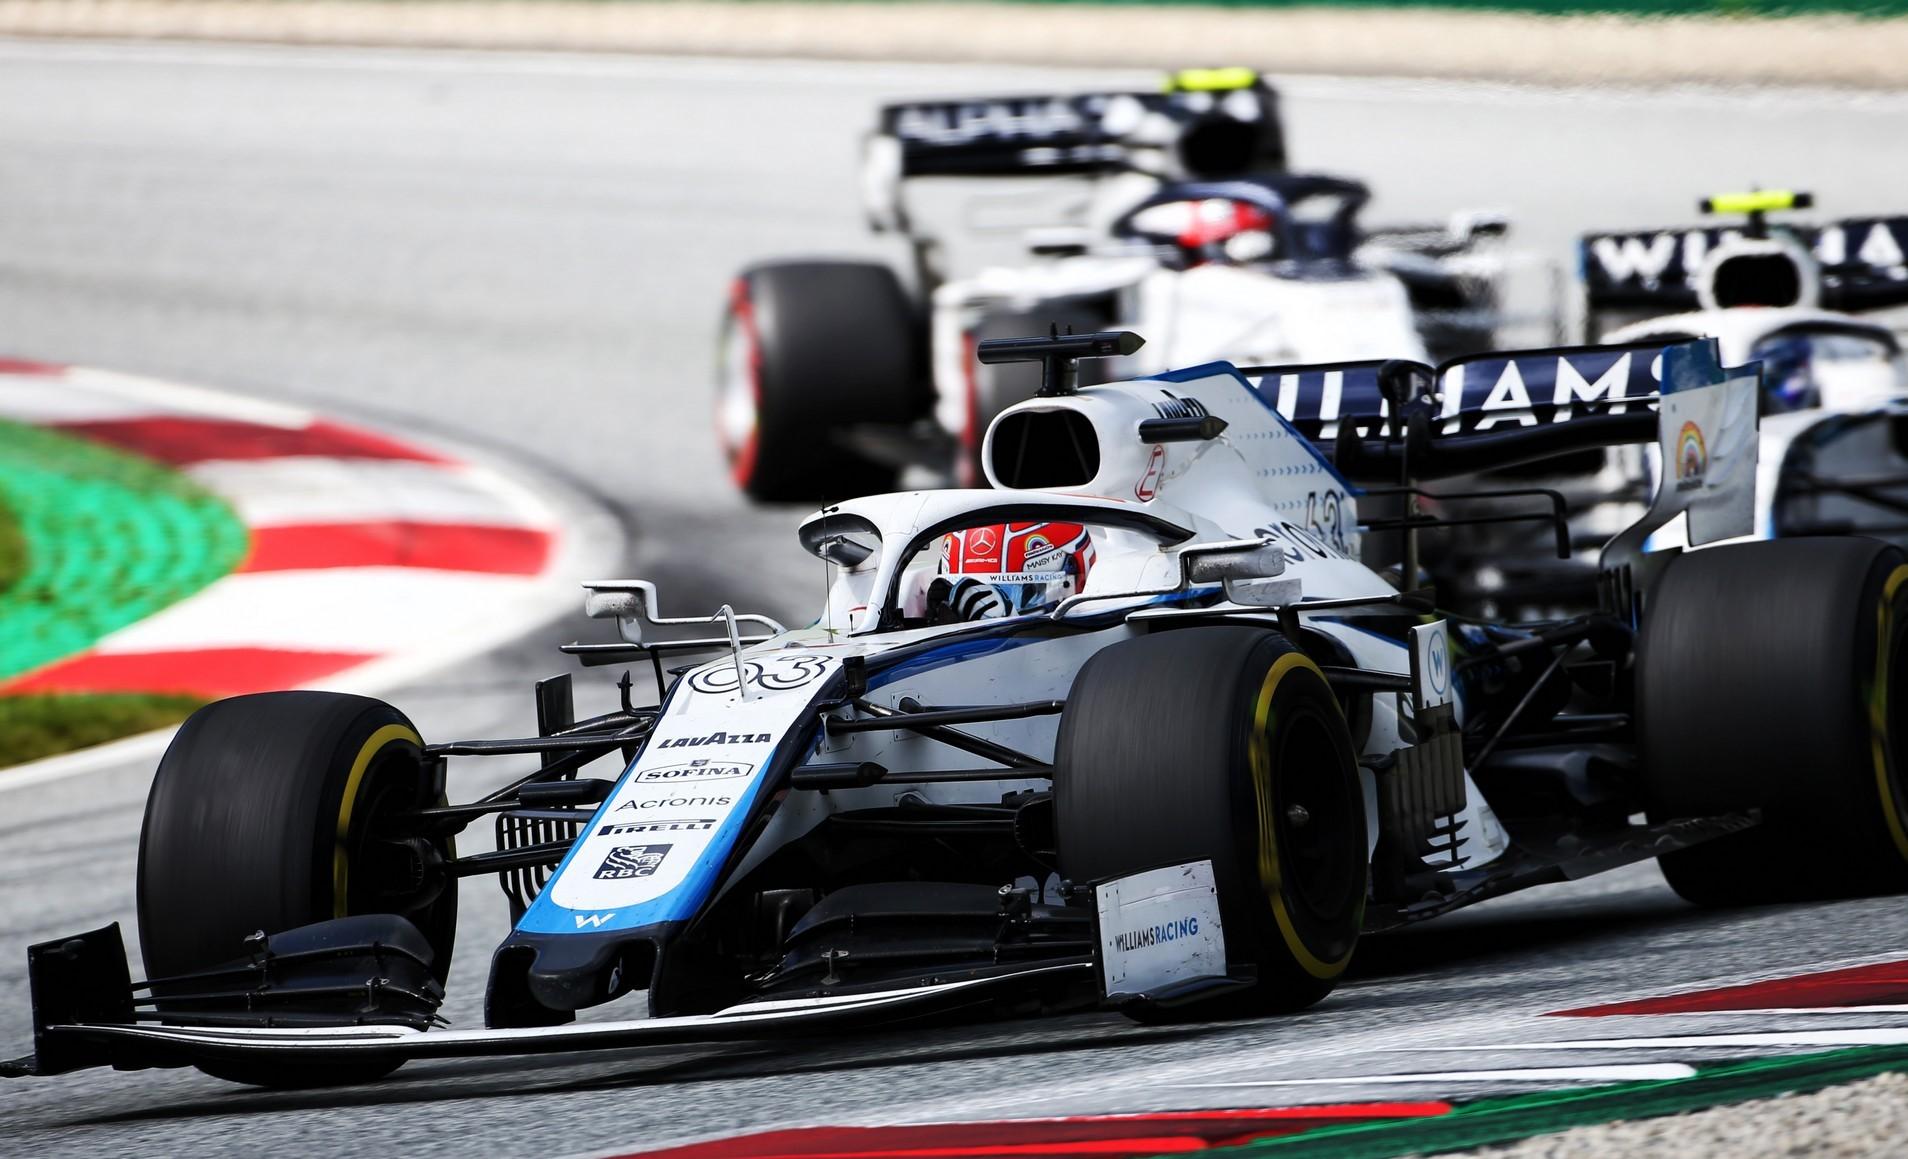 Analisi GP di Stiria: Williams Racing